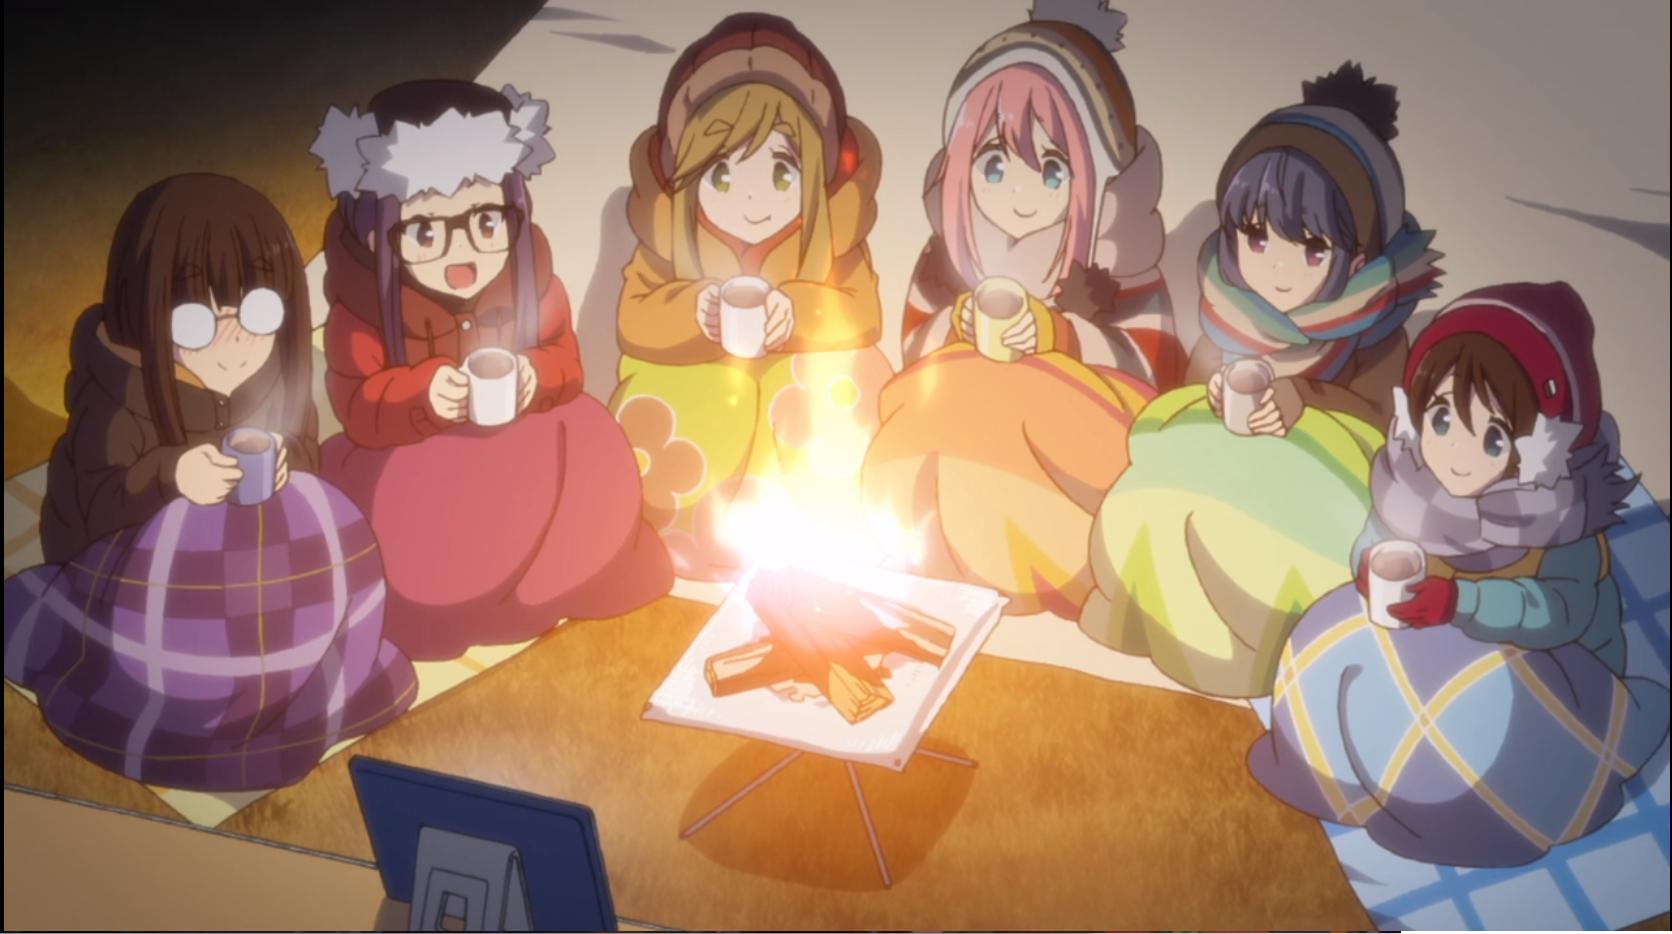 アニメ『ゆるキャン△』12話の朝霧高原キャンプ場で動画鑑賞